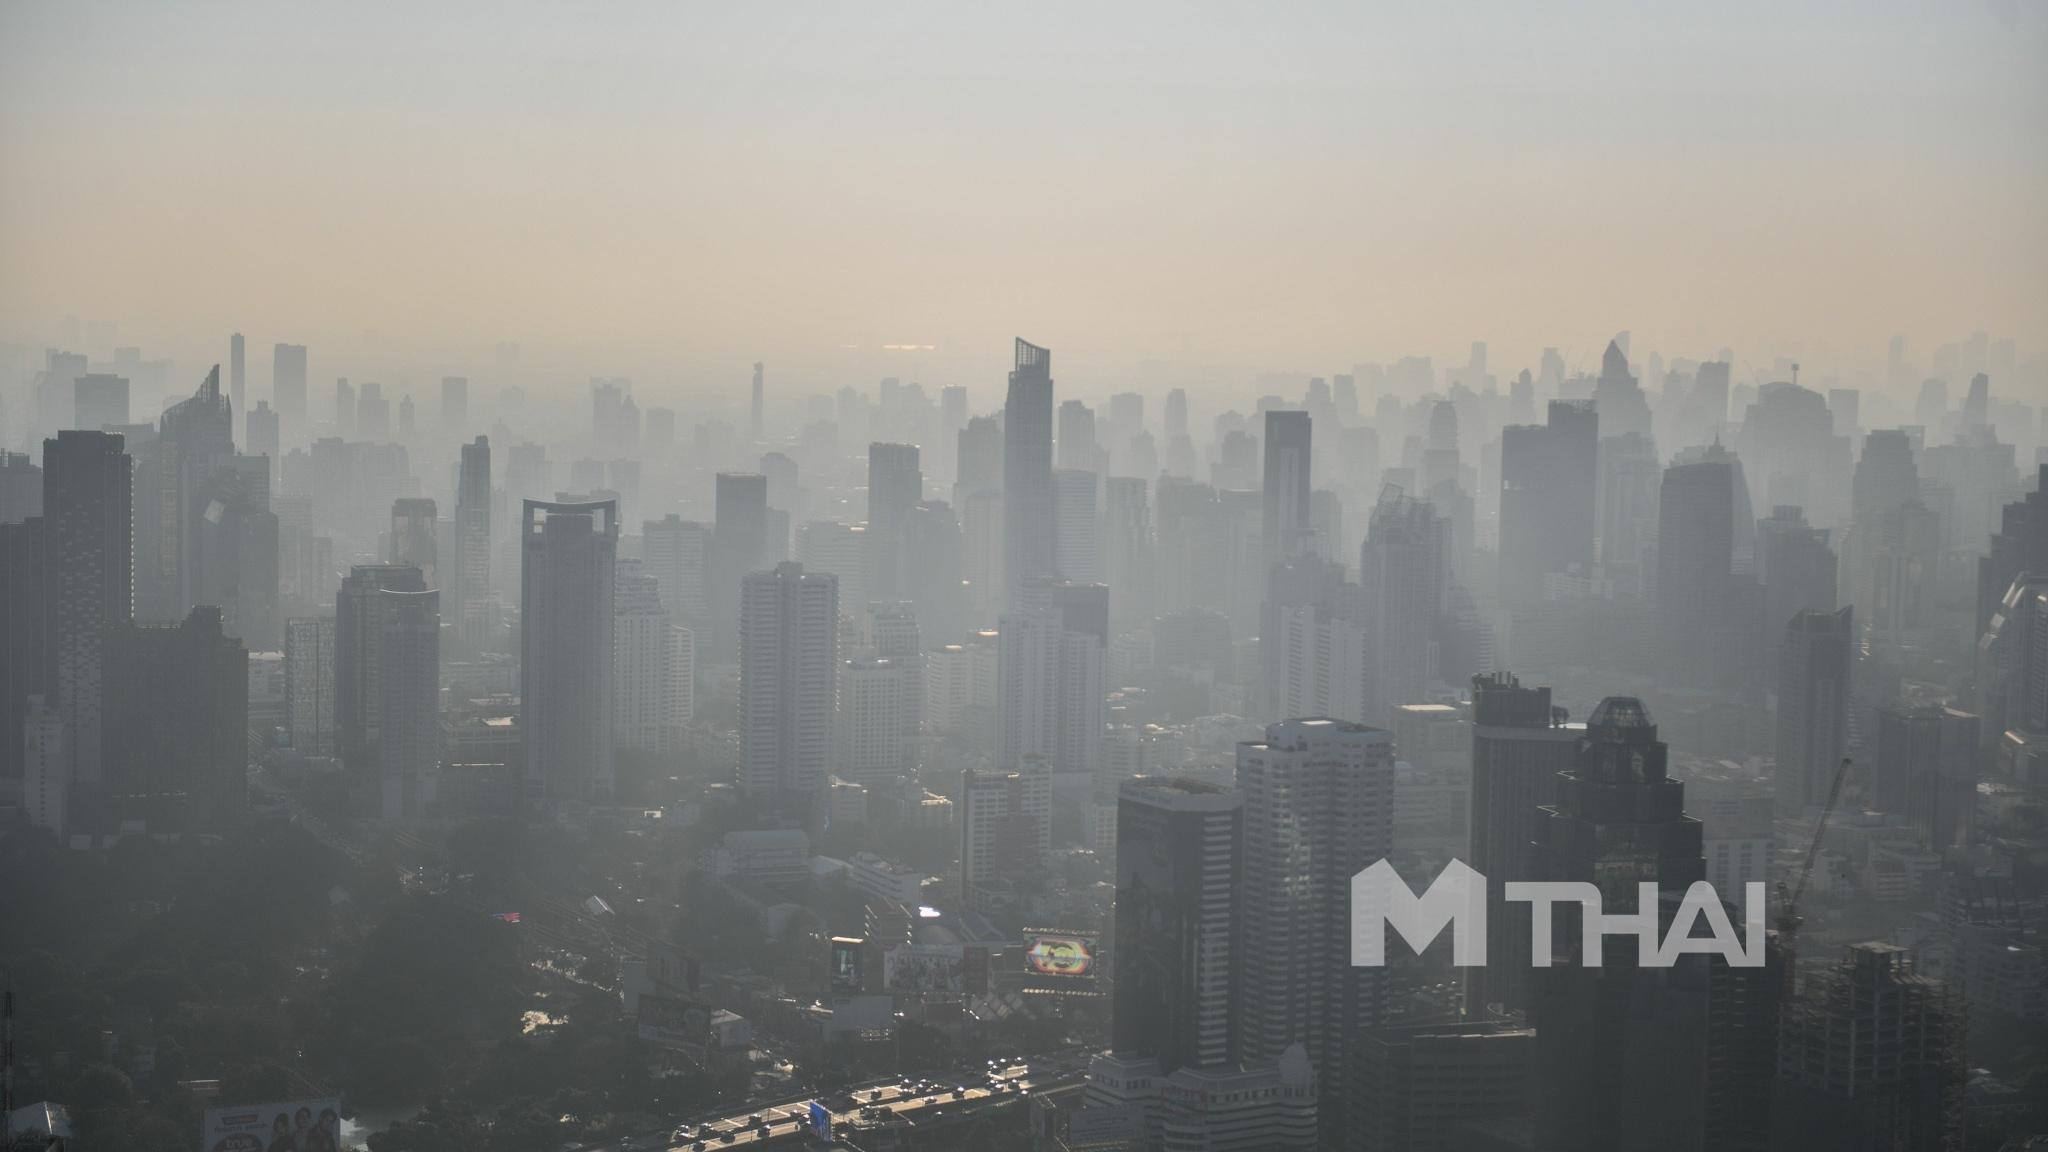 PM 2.5 ฝุ่น PM 2.5 มลพิษทางอากาศ